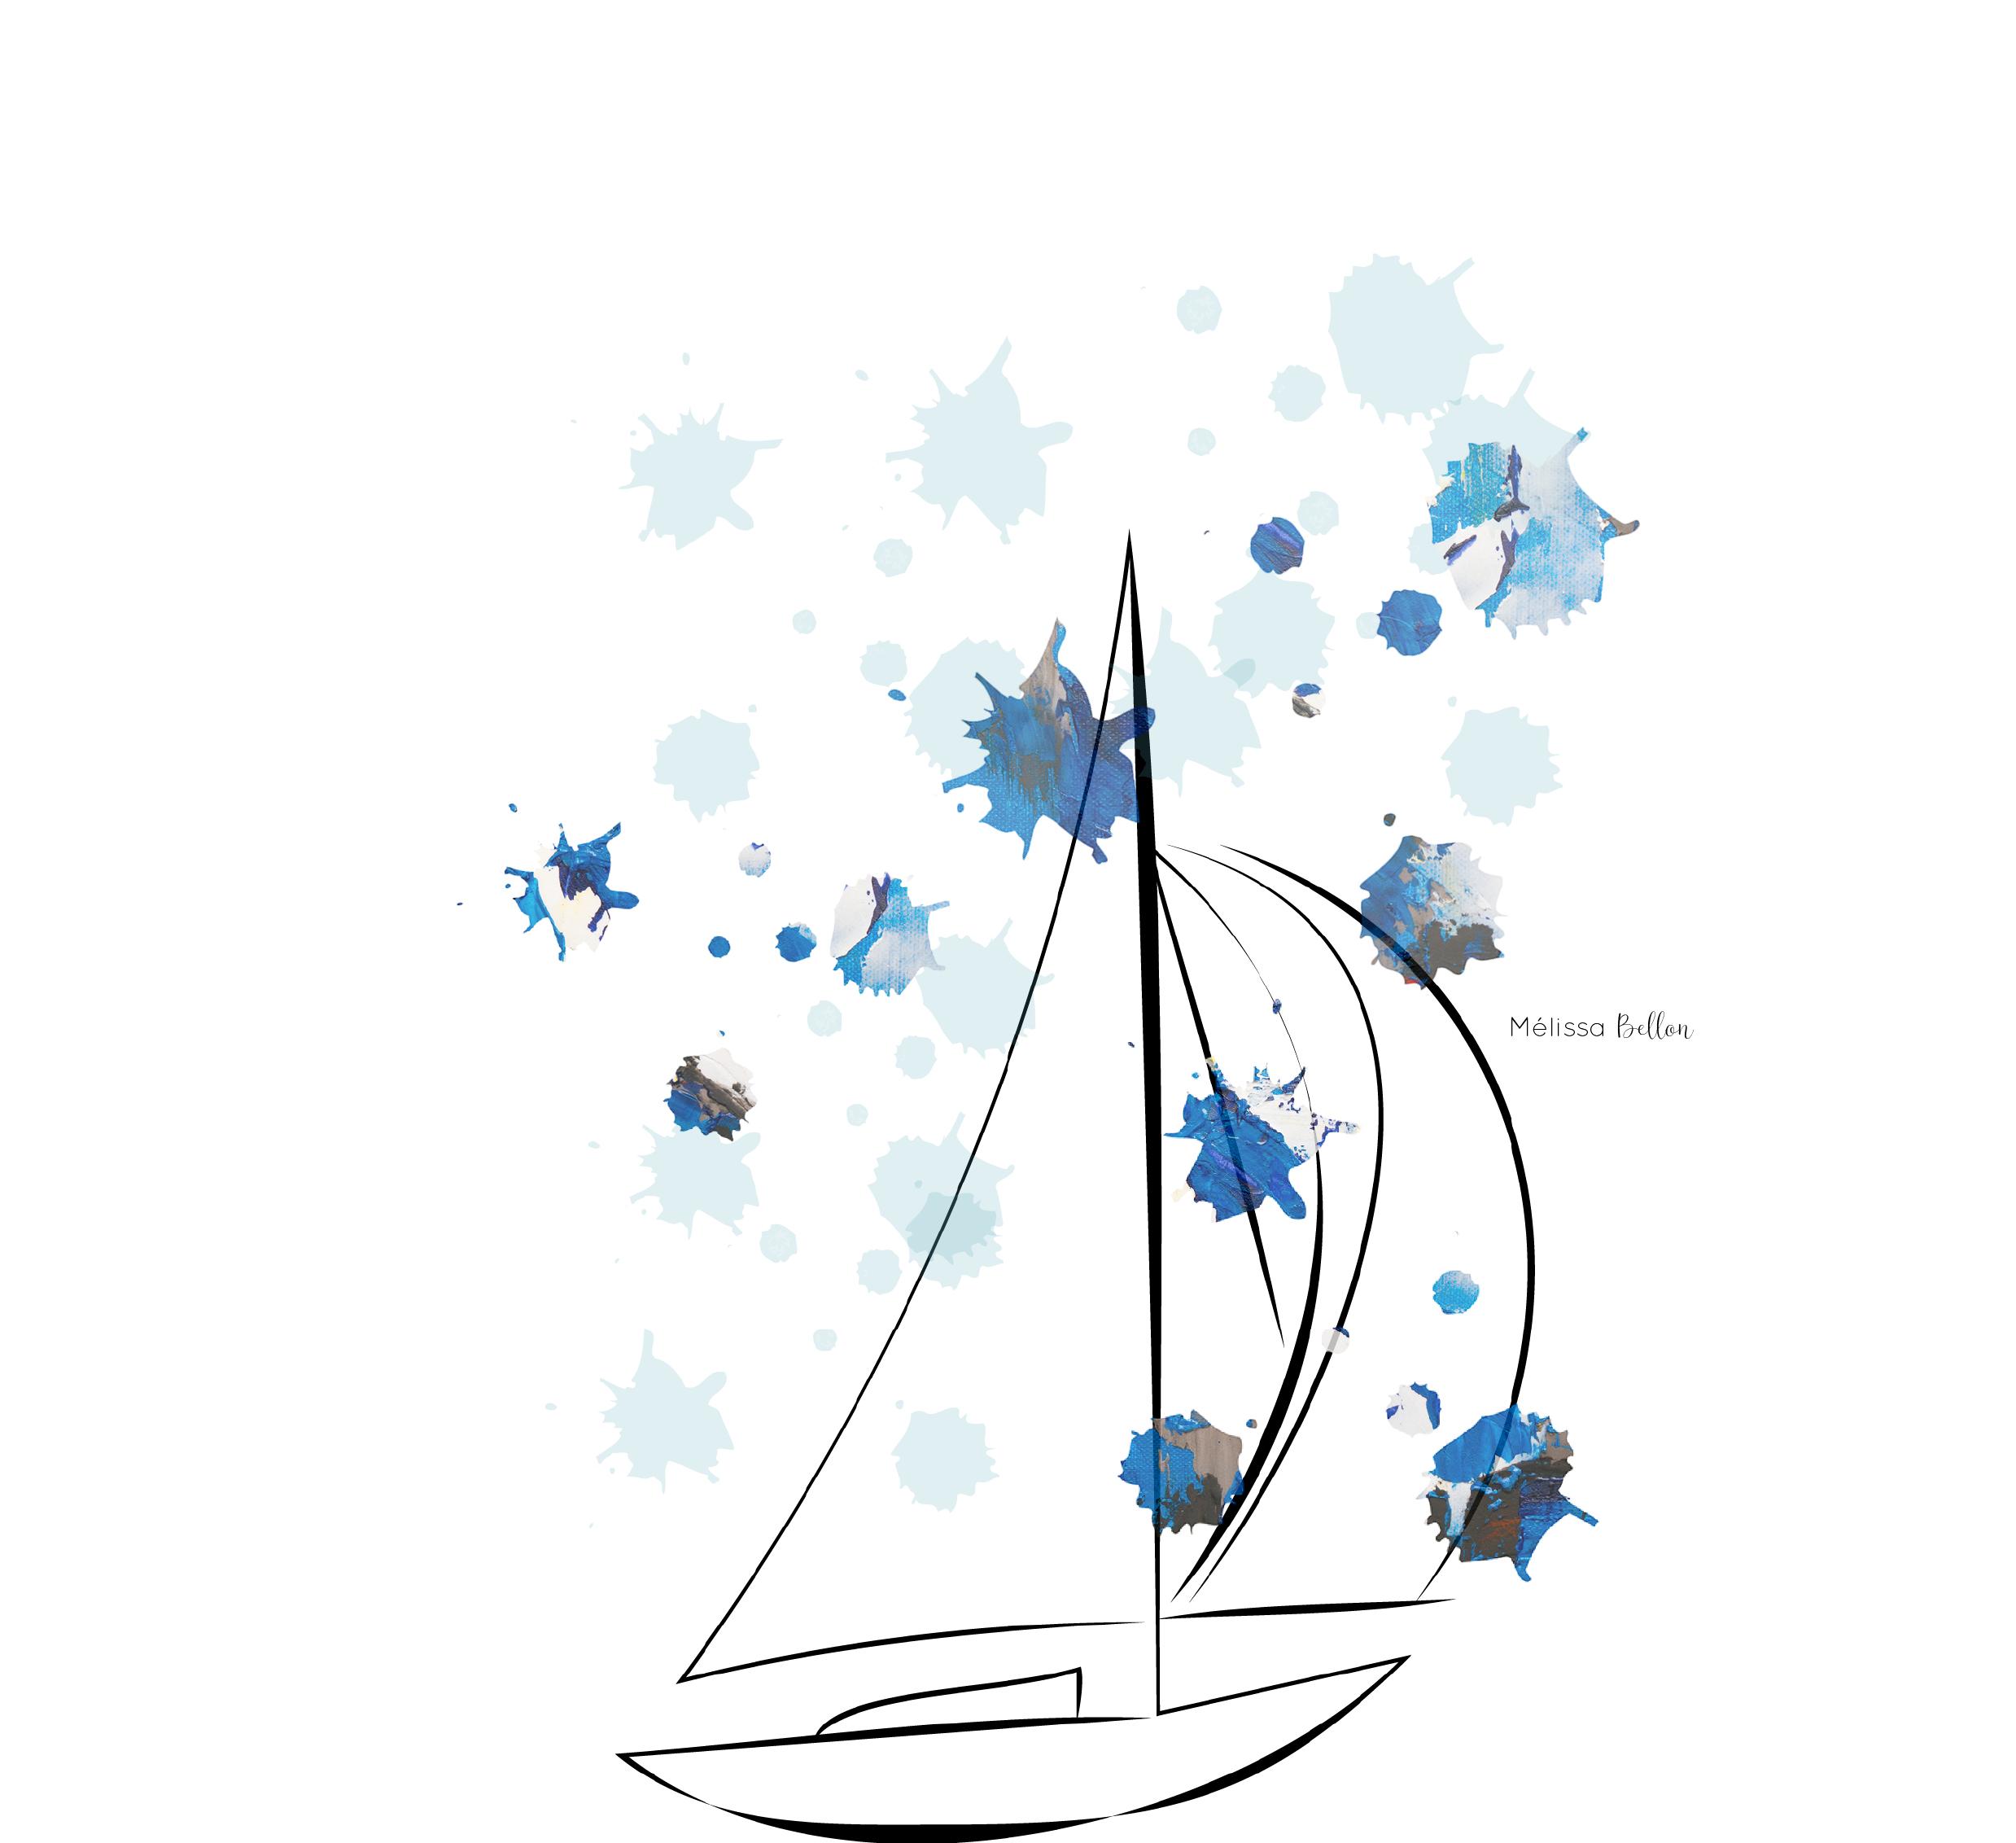 boat-MB